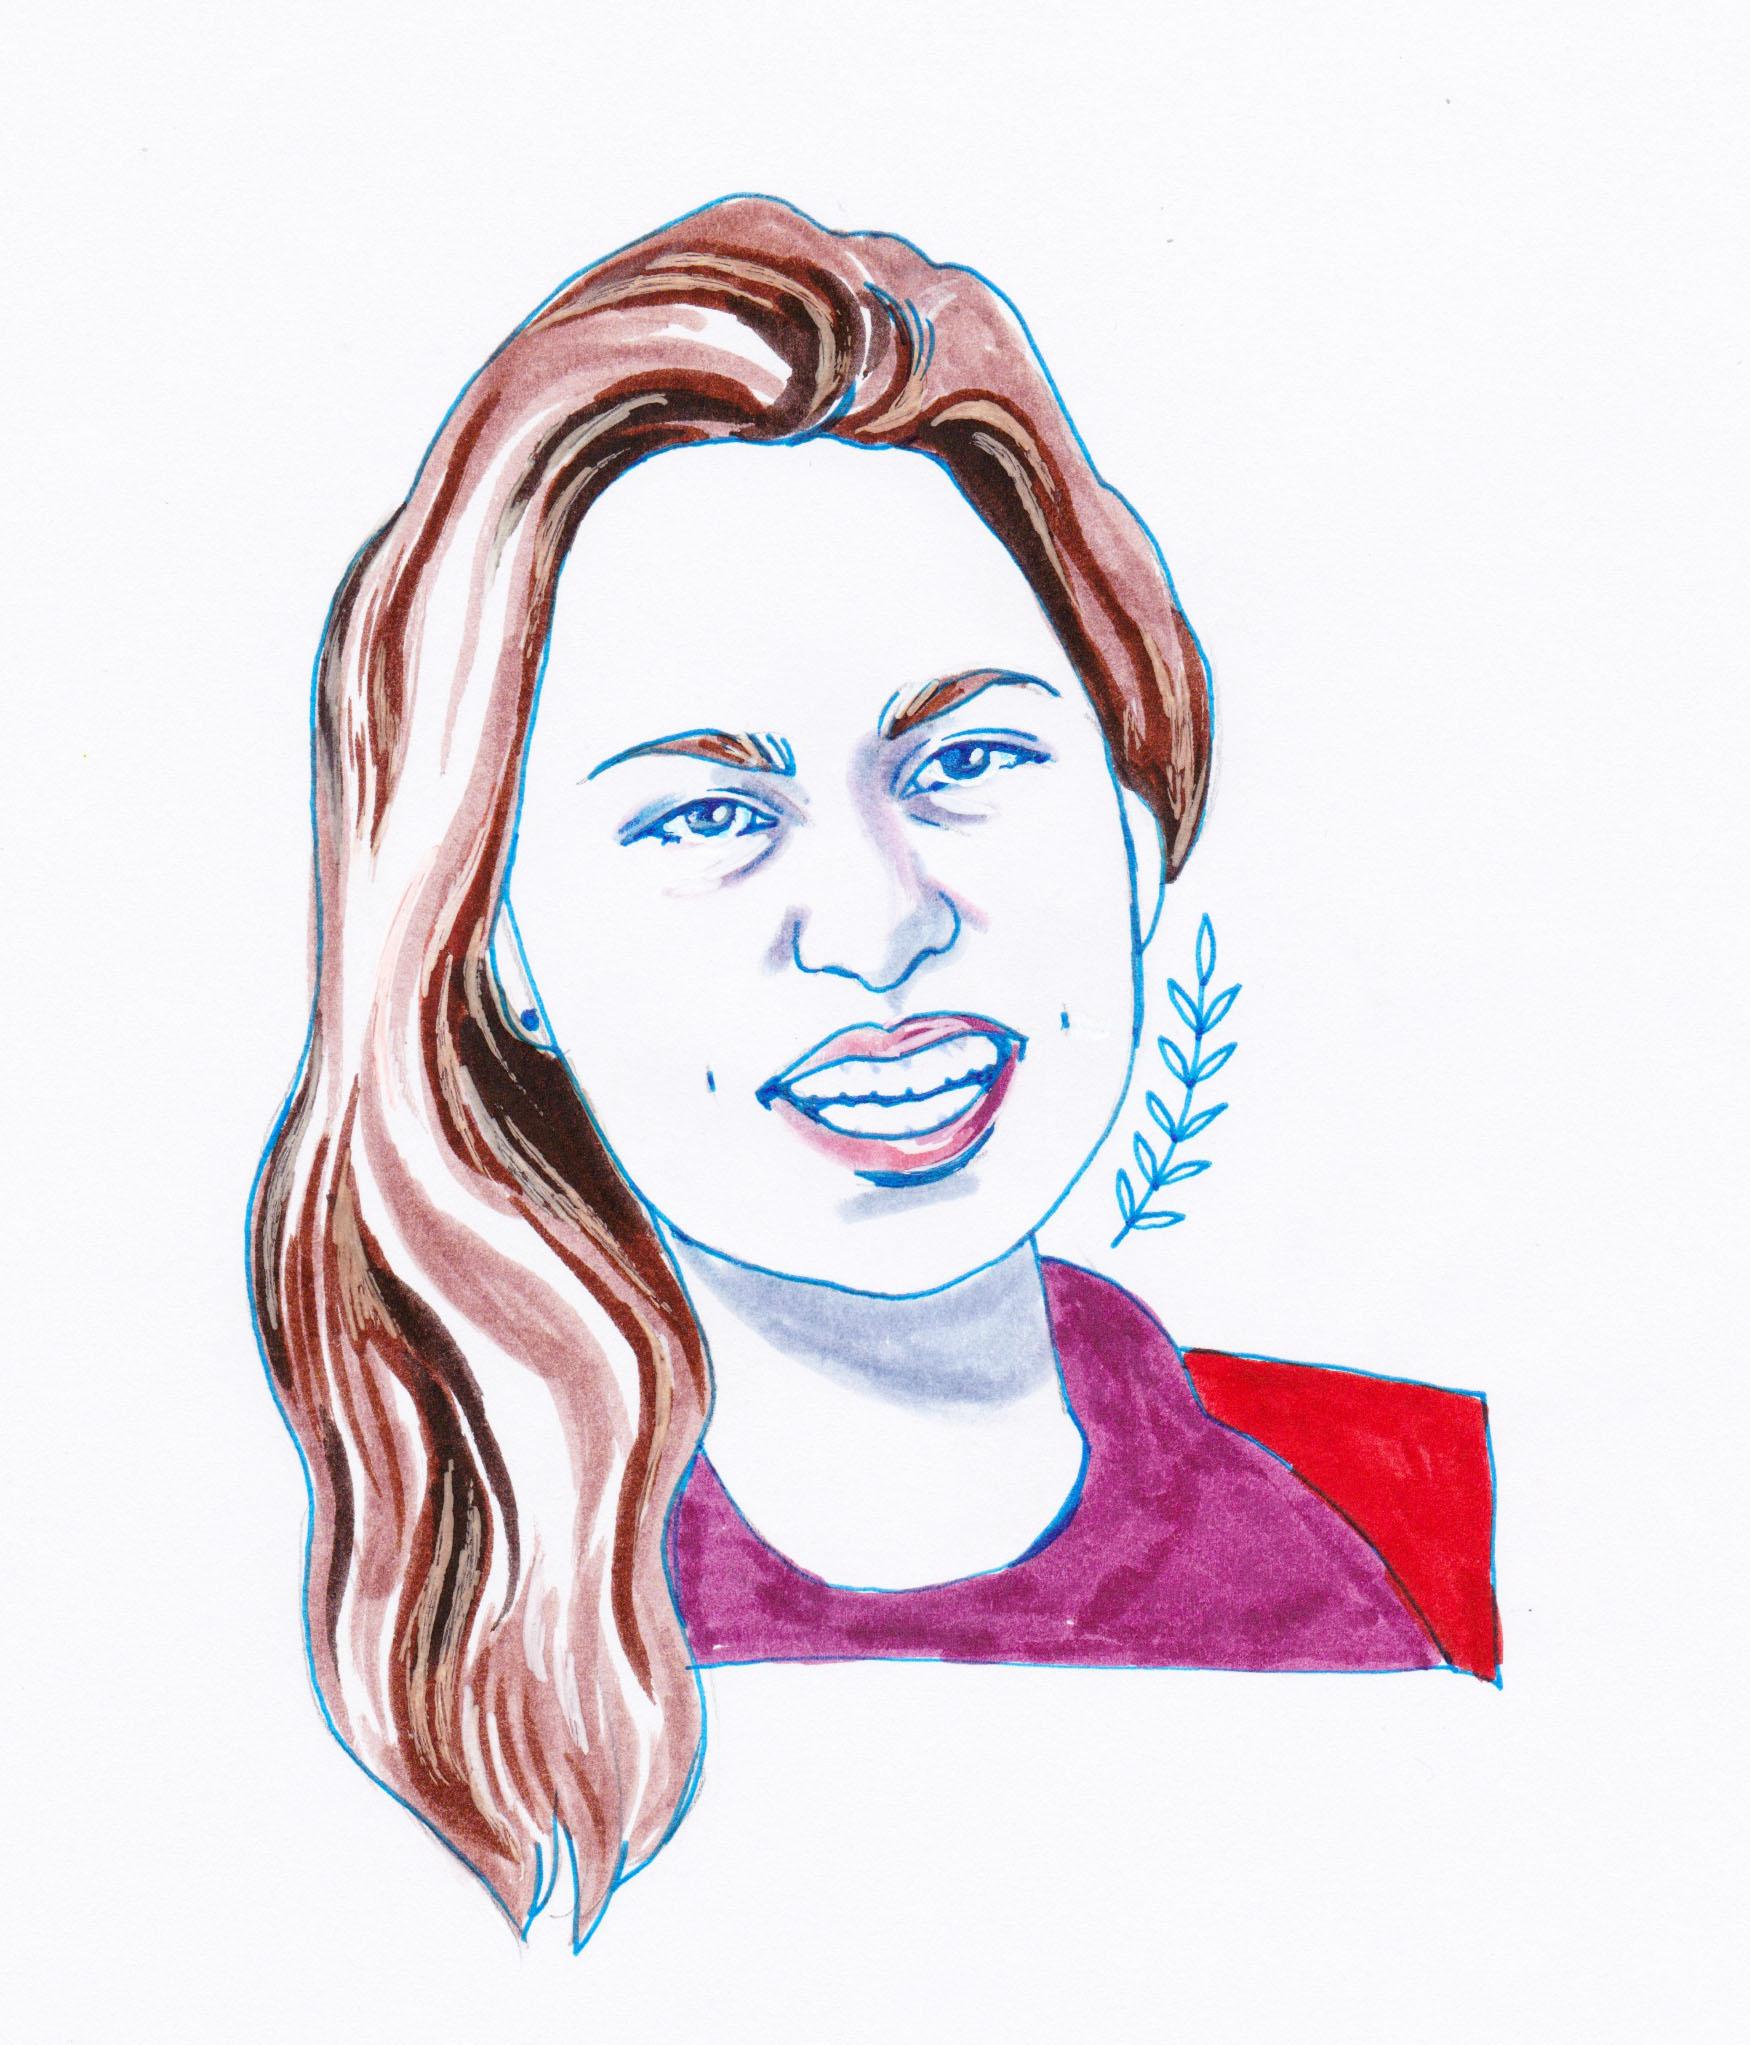 Maria Zizka   By SPECIWOMEN  Illustration  SENDRA UEBELE